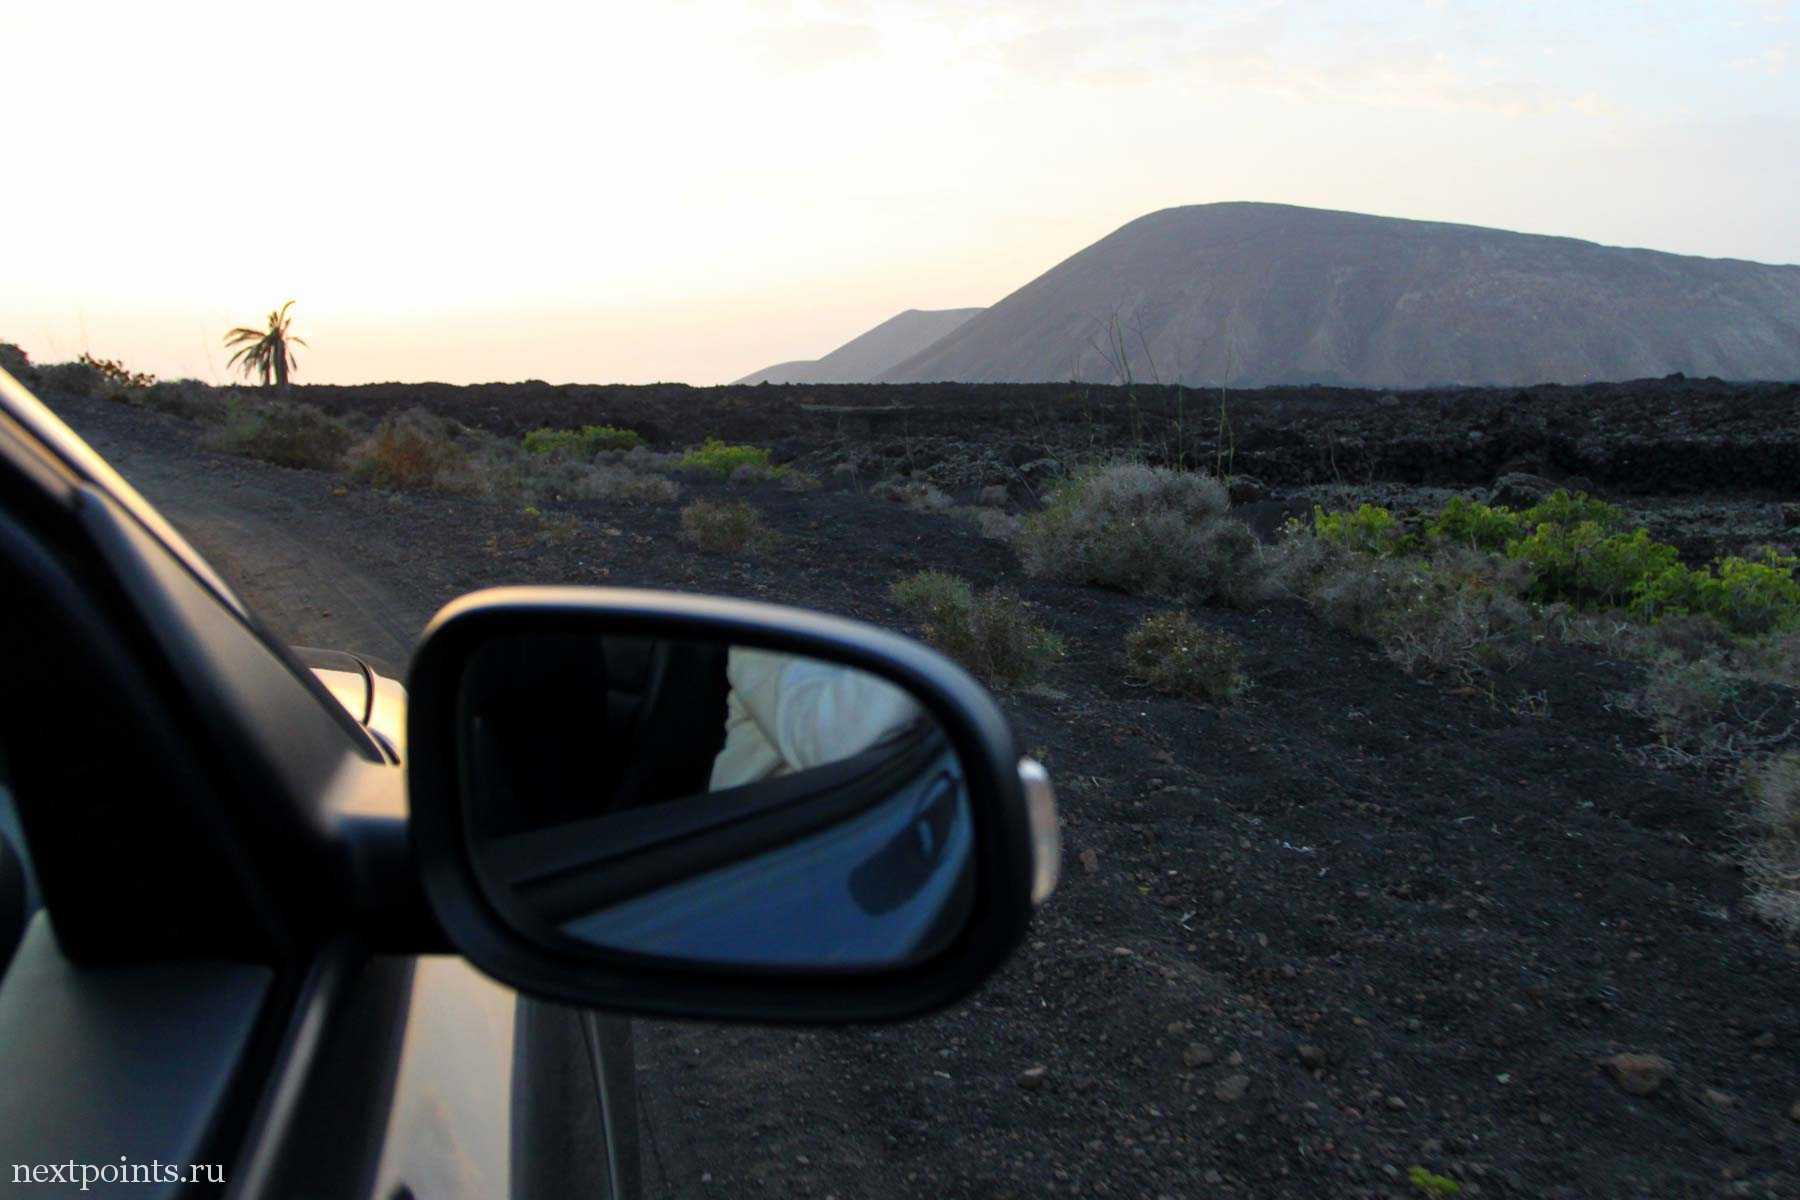 Аренда авто на Тенерифе и других Канарских островах